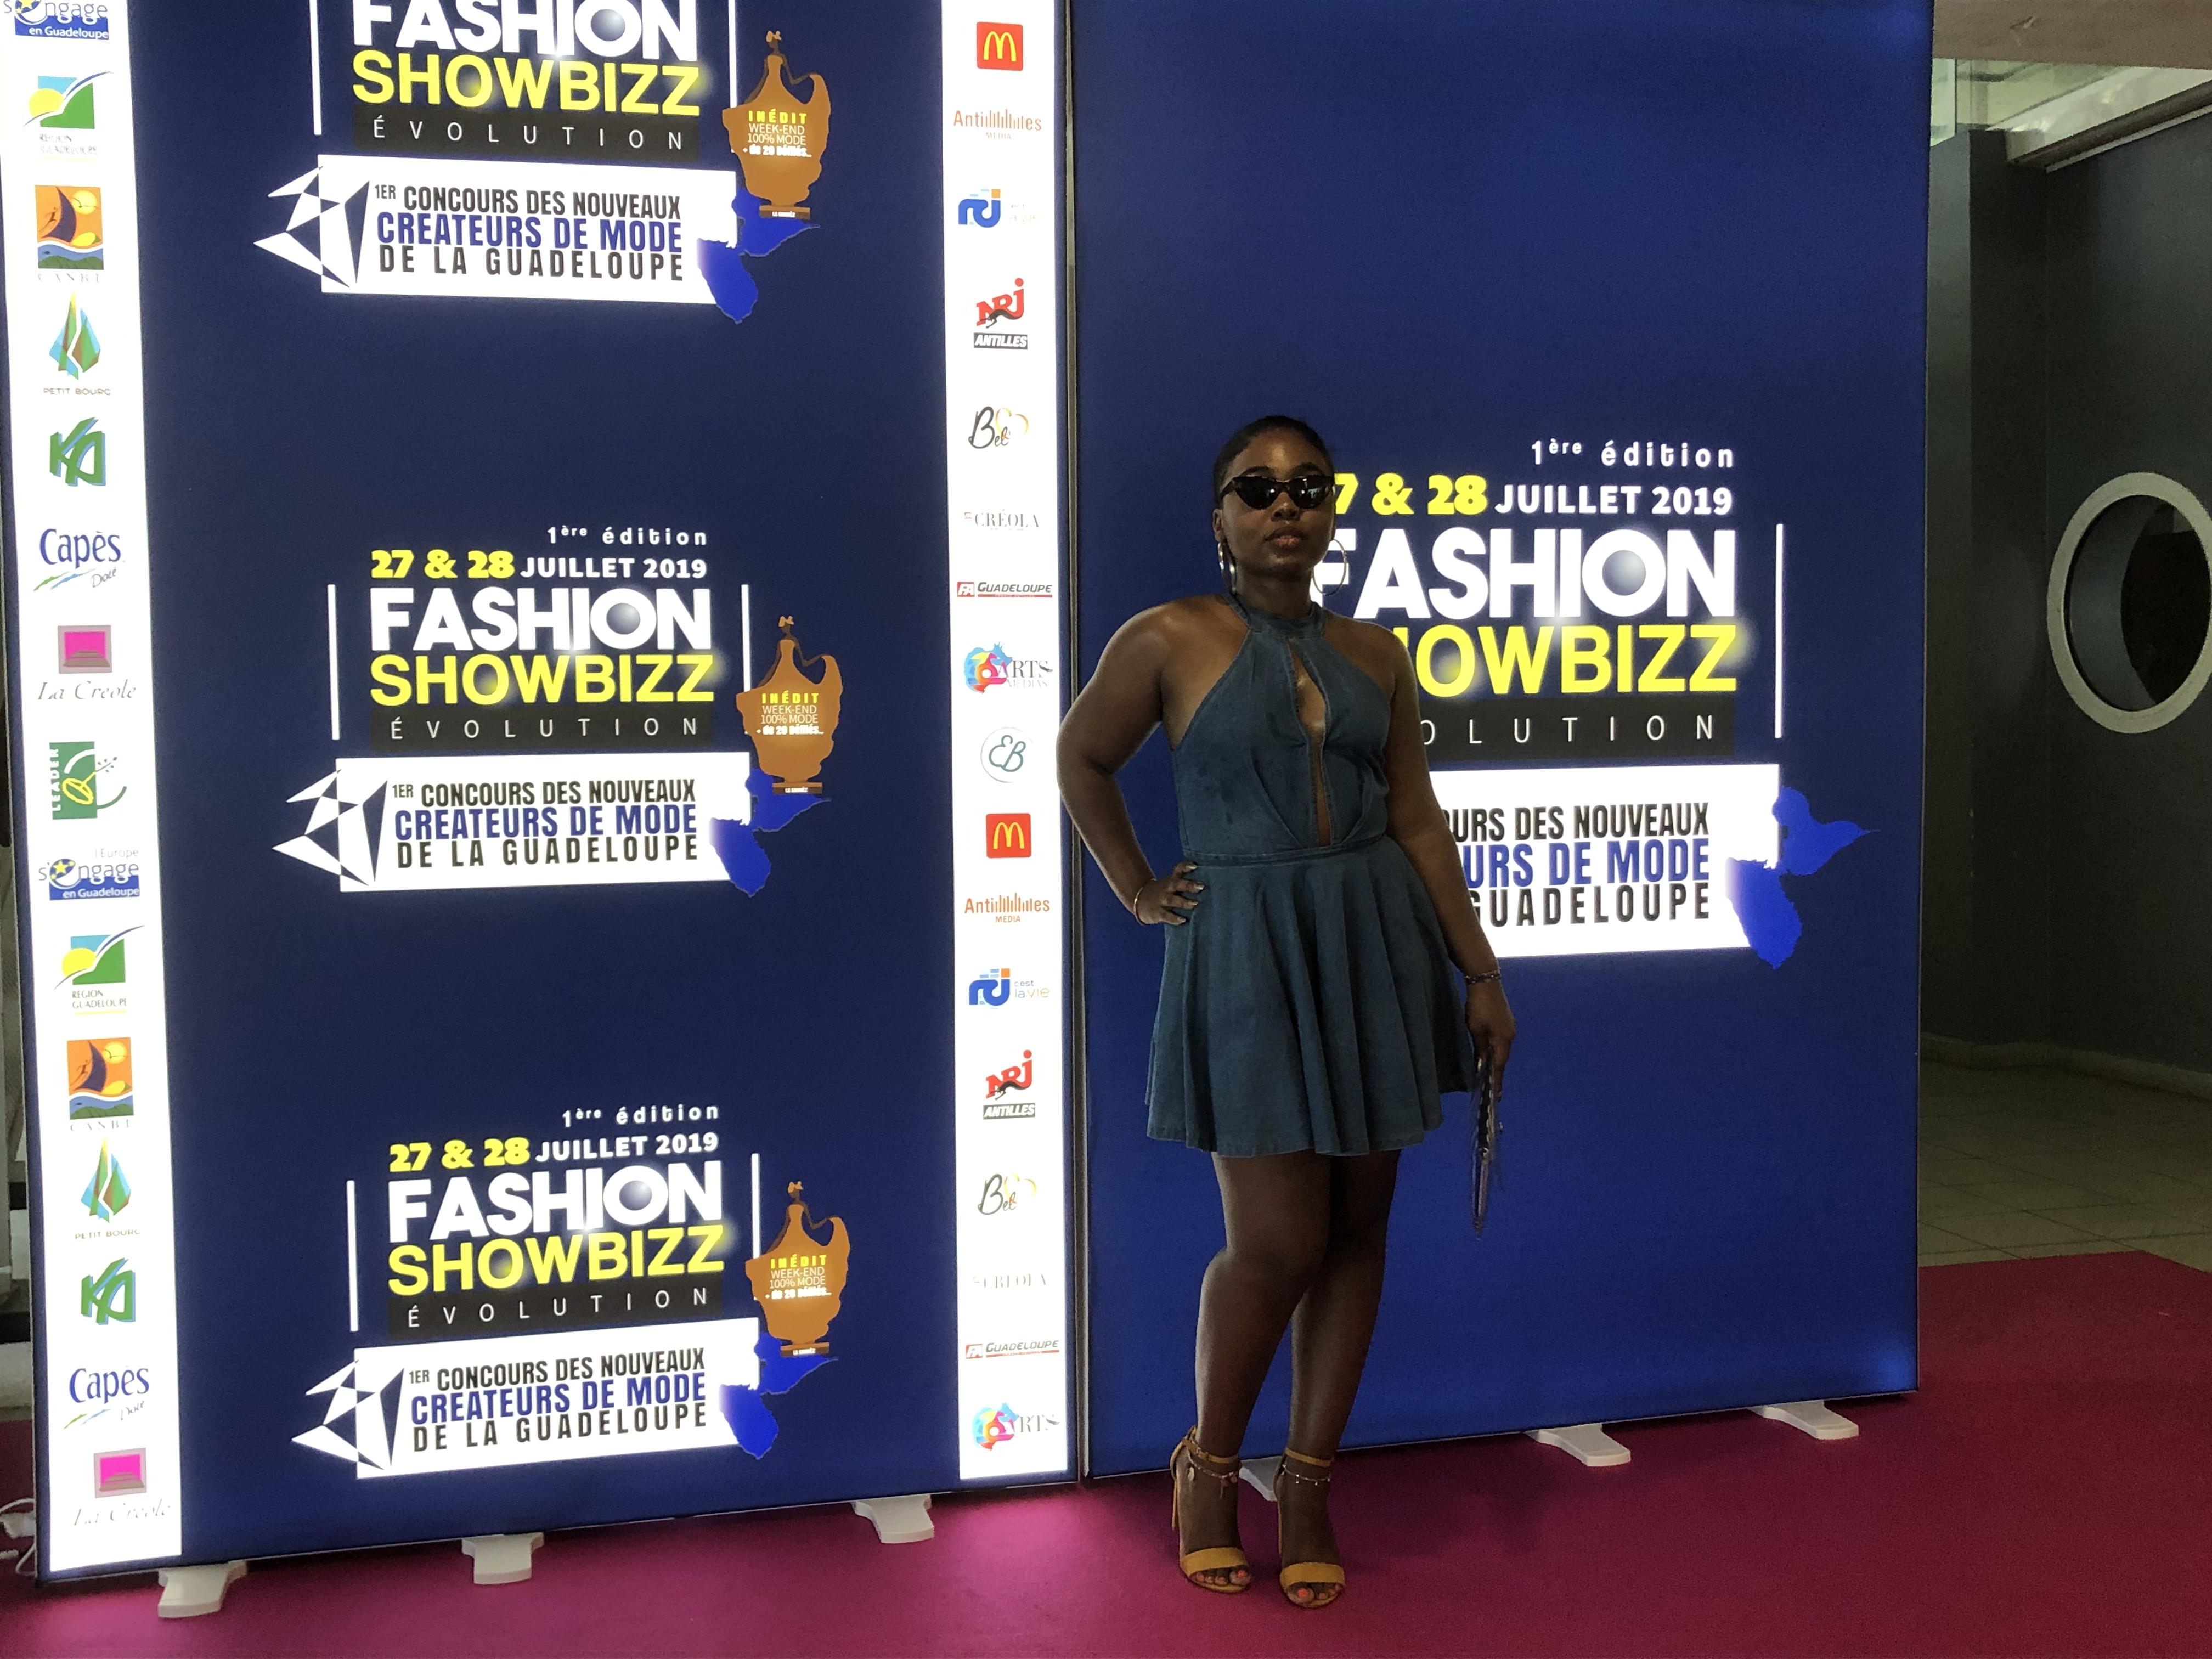 Première réussie pour la Fashion Showbizz Évolution